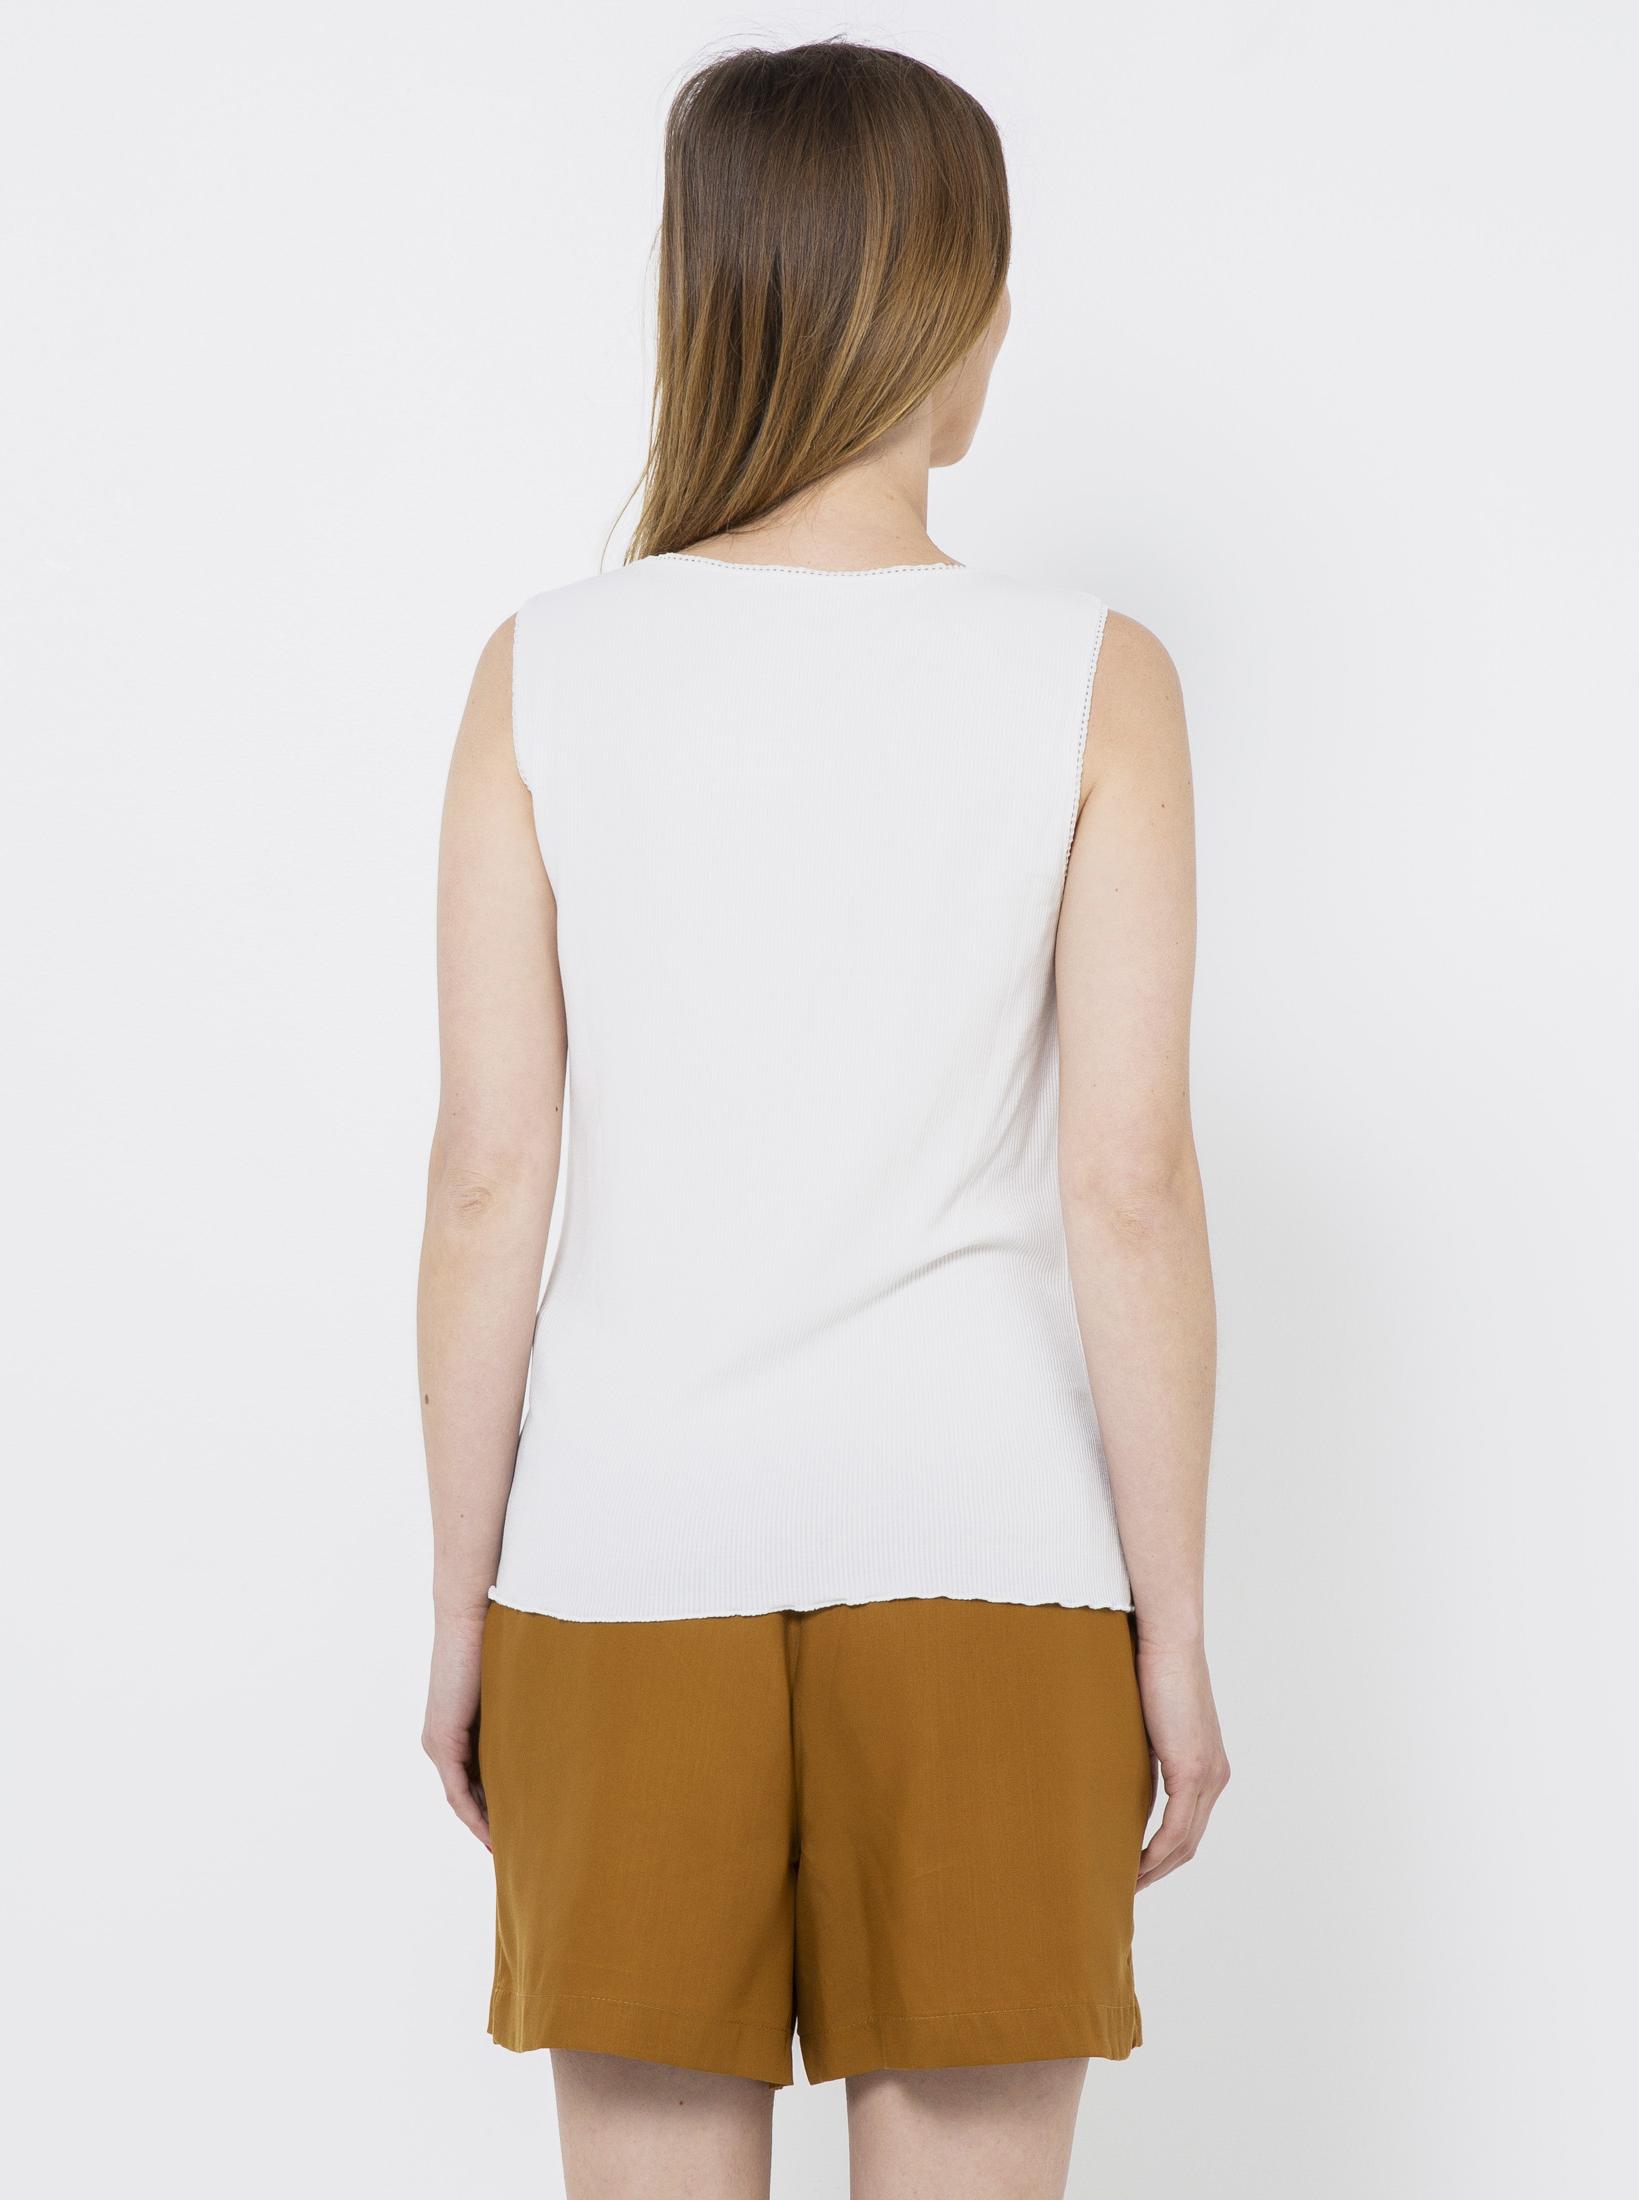 CAMAIEU white top